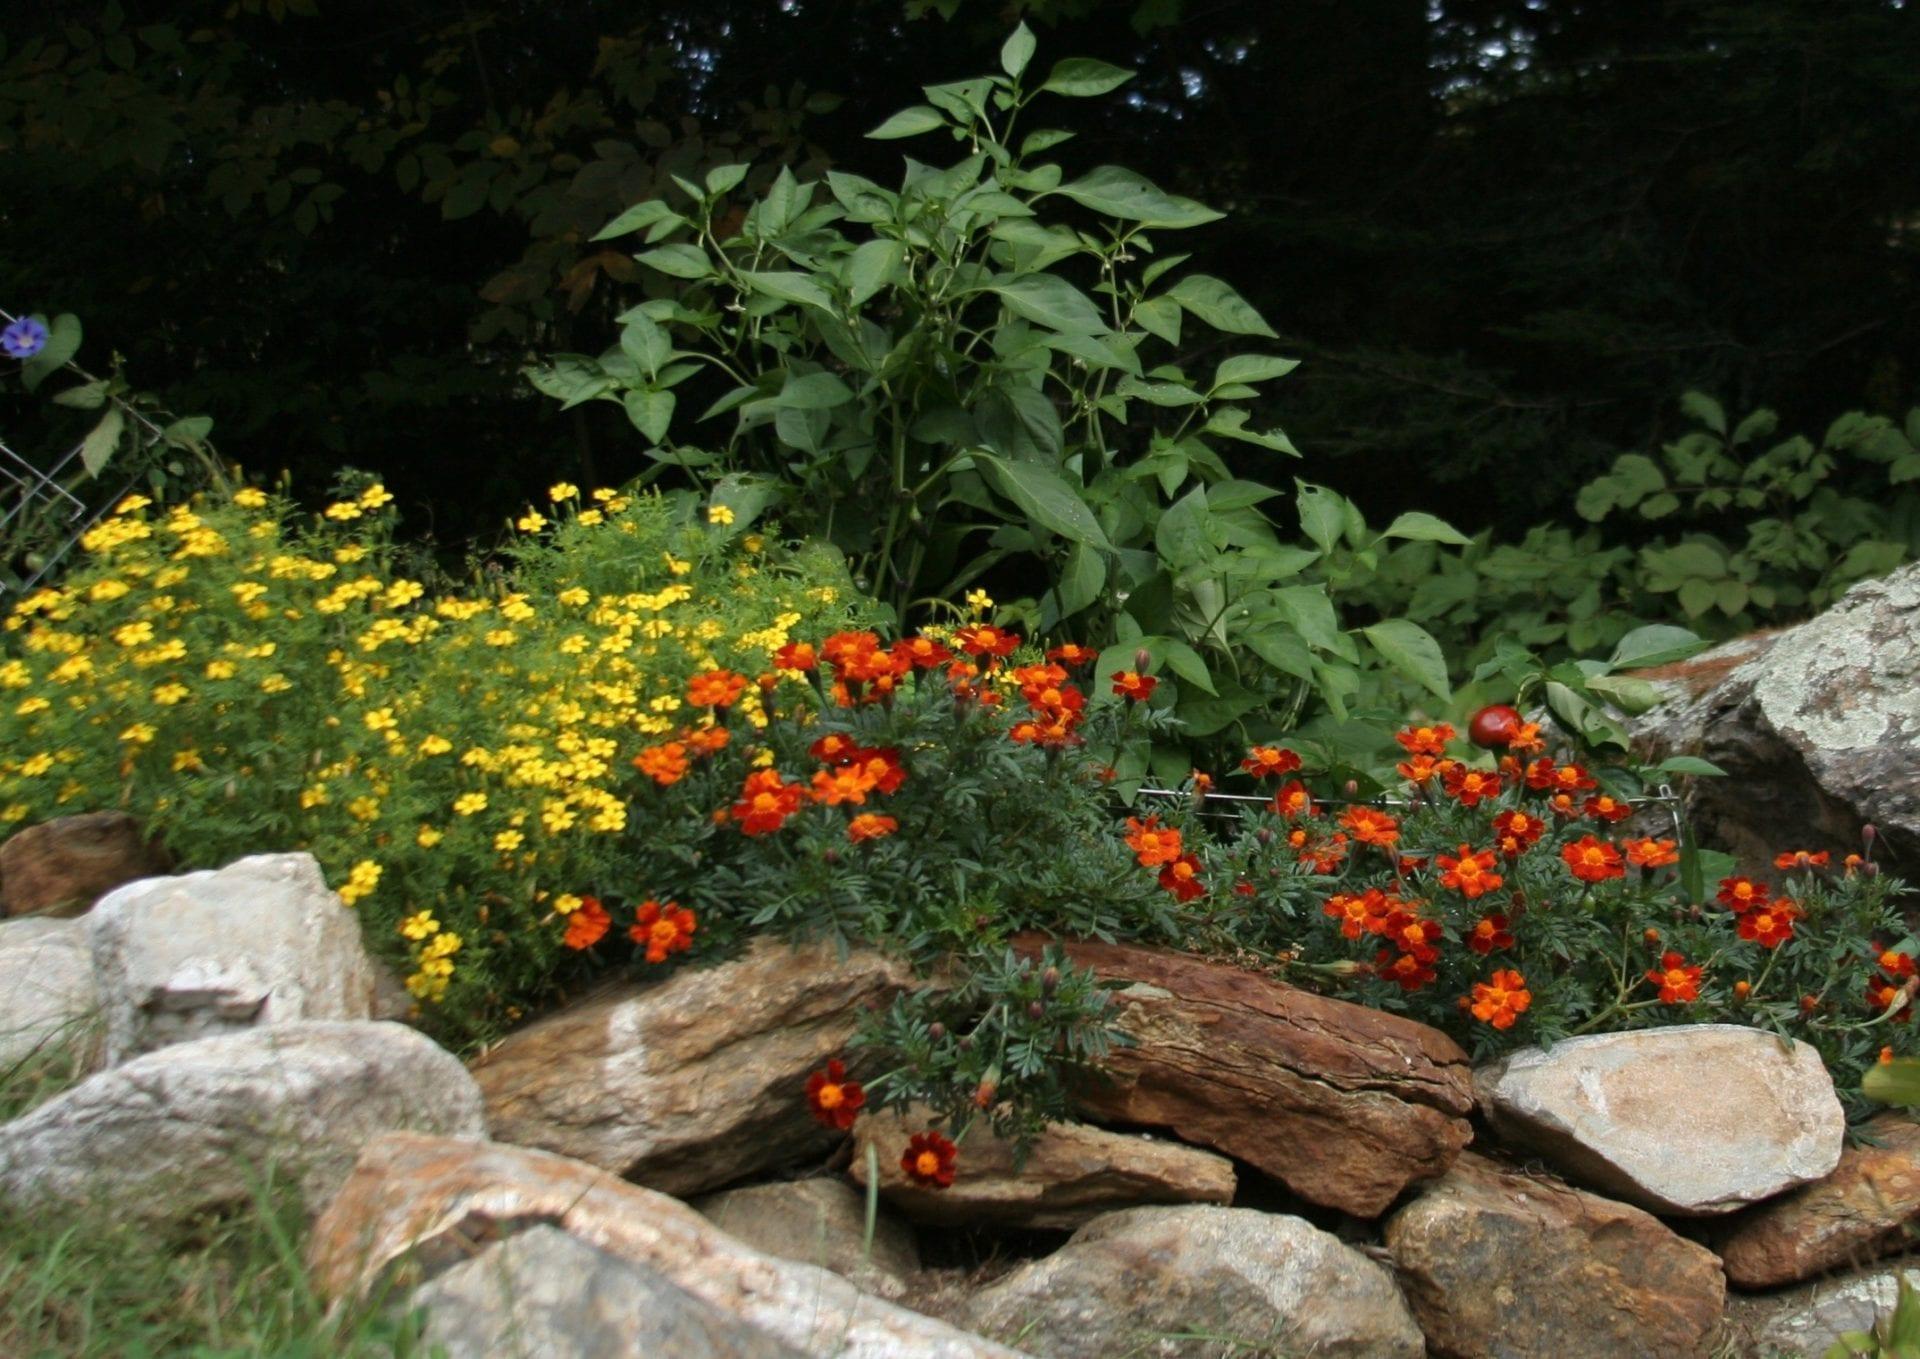 Creative environments landscape co edible gardens - Img_0972